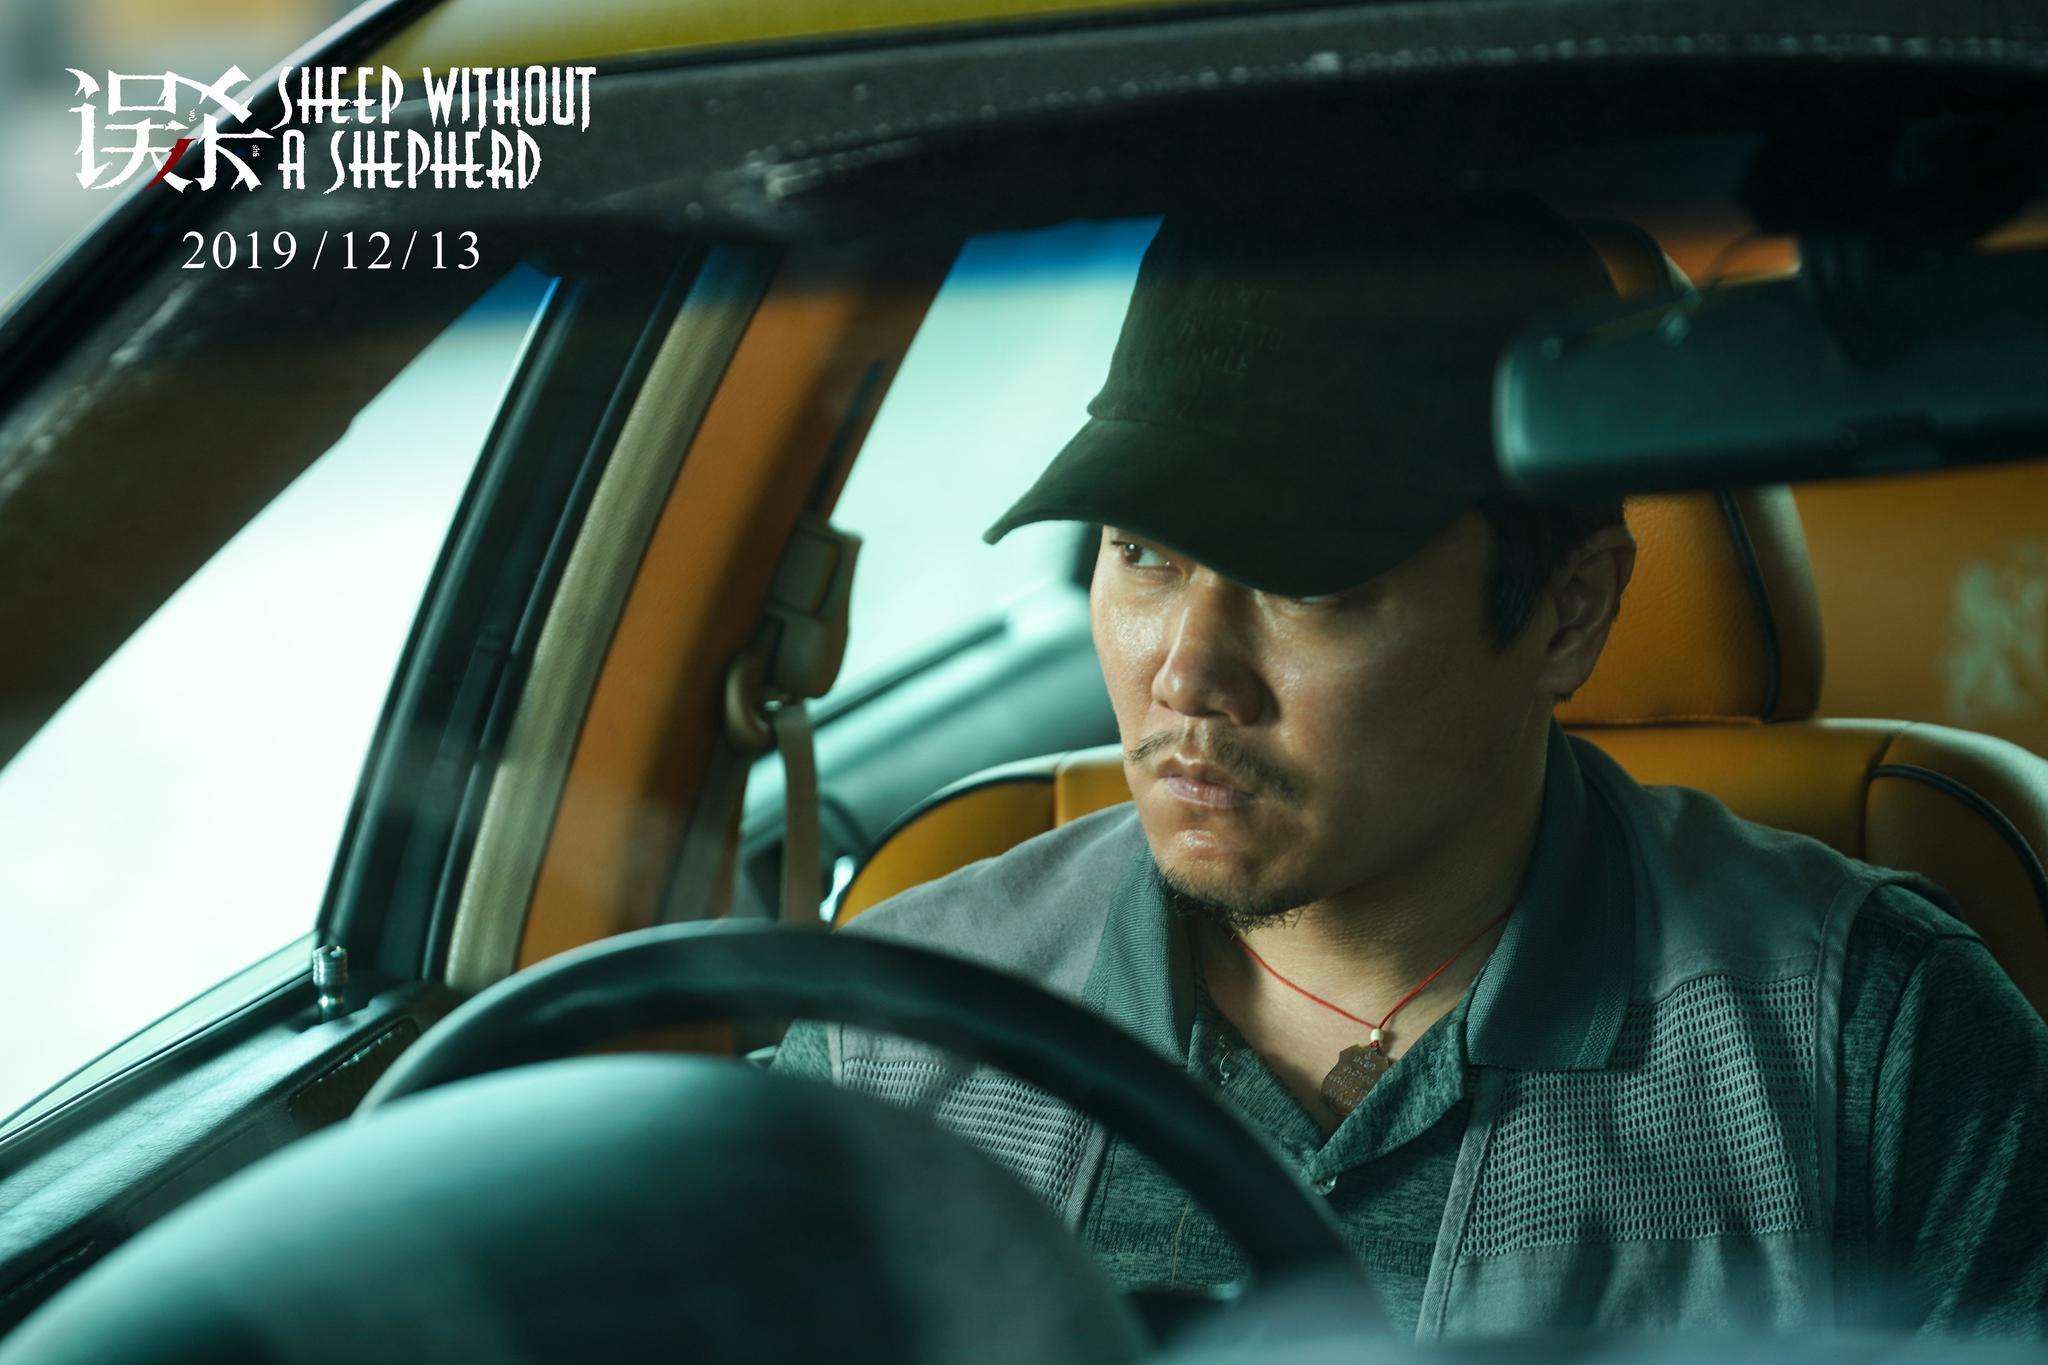 電影《誤殺》終極預告重磅發布 年度最過癮犯罪爽片預售開啟